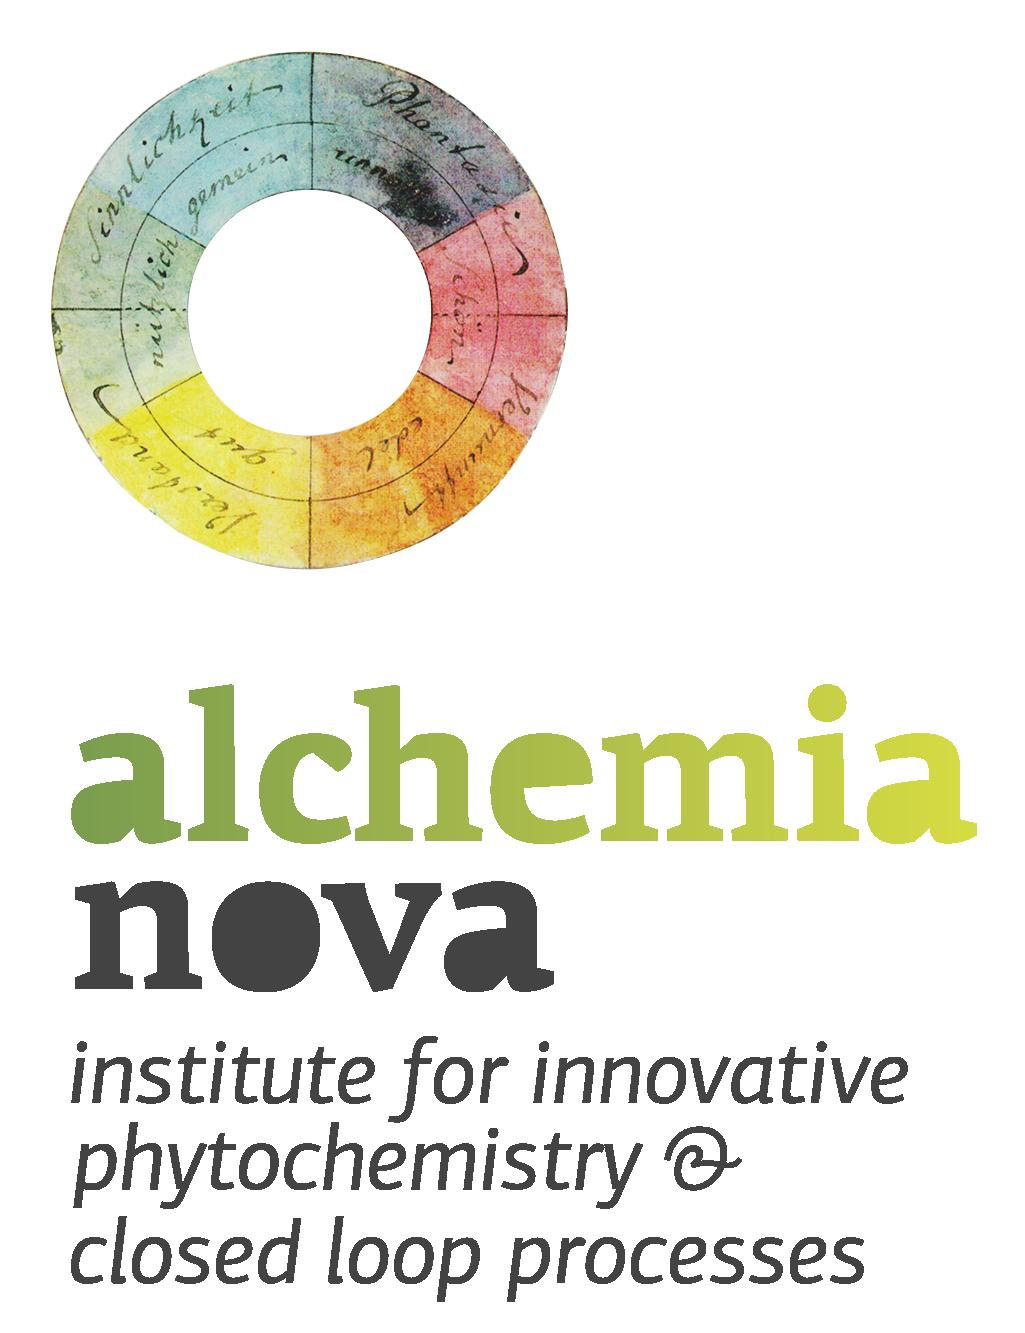 https://europeanplasticspact.org/wp-content/uploads/2021/05/alchemia-nova_logo.png